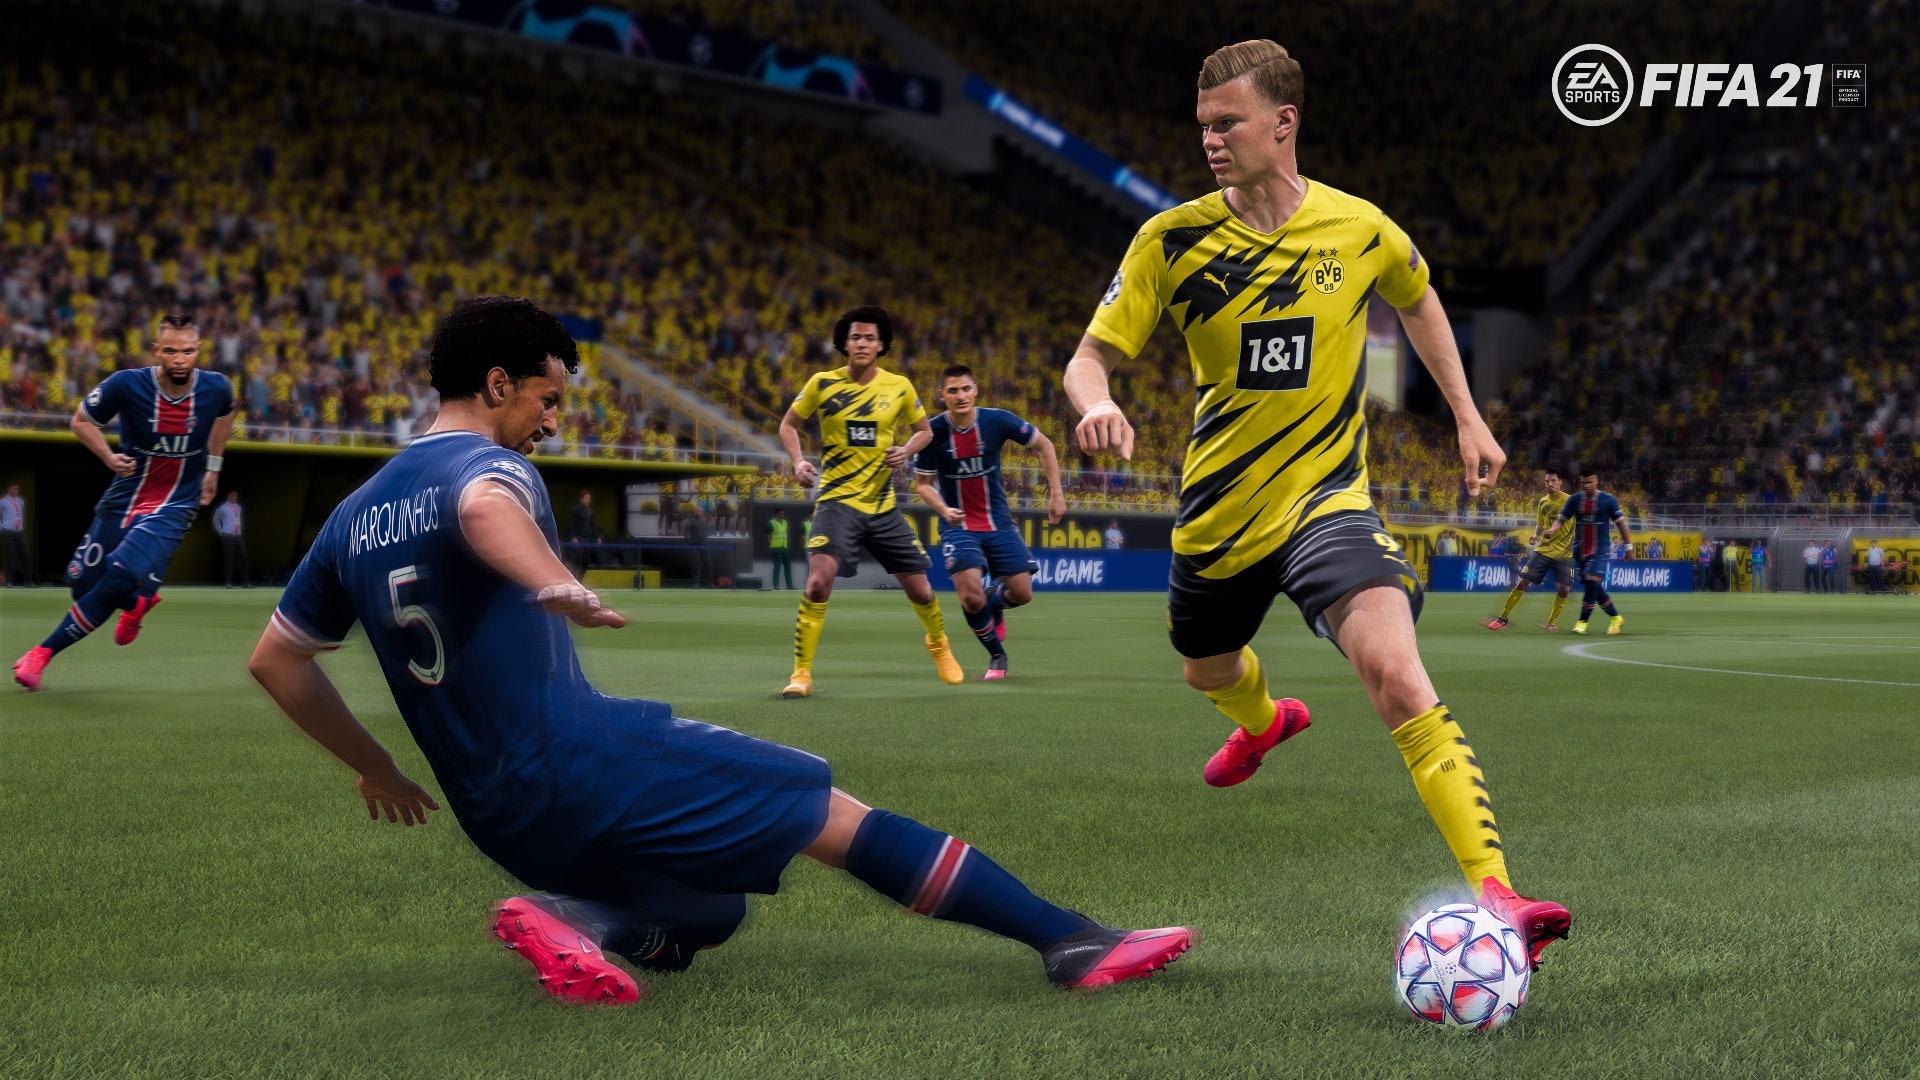 FIFA 21 lead